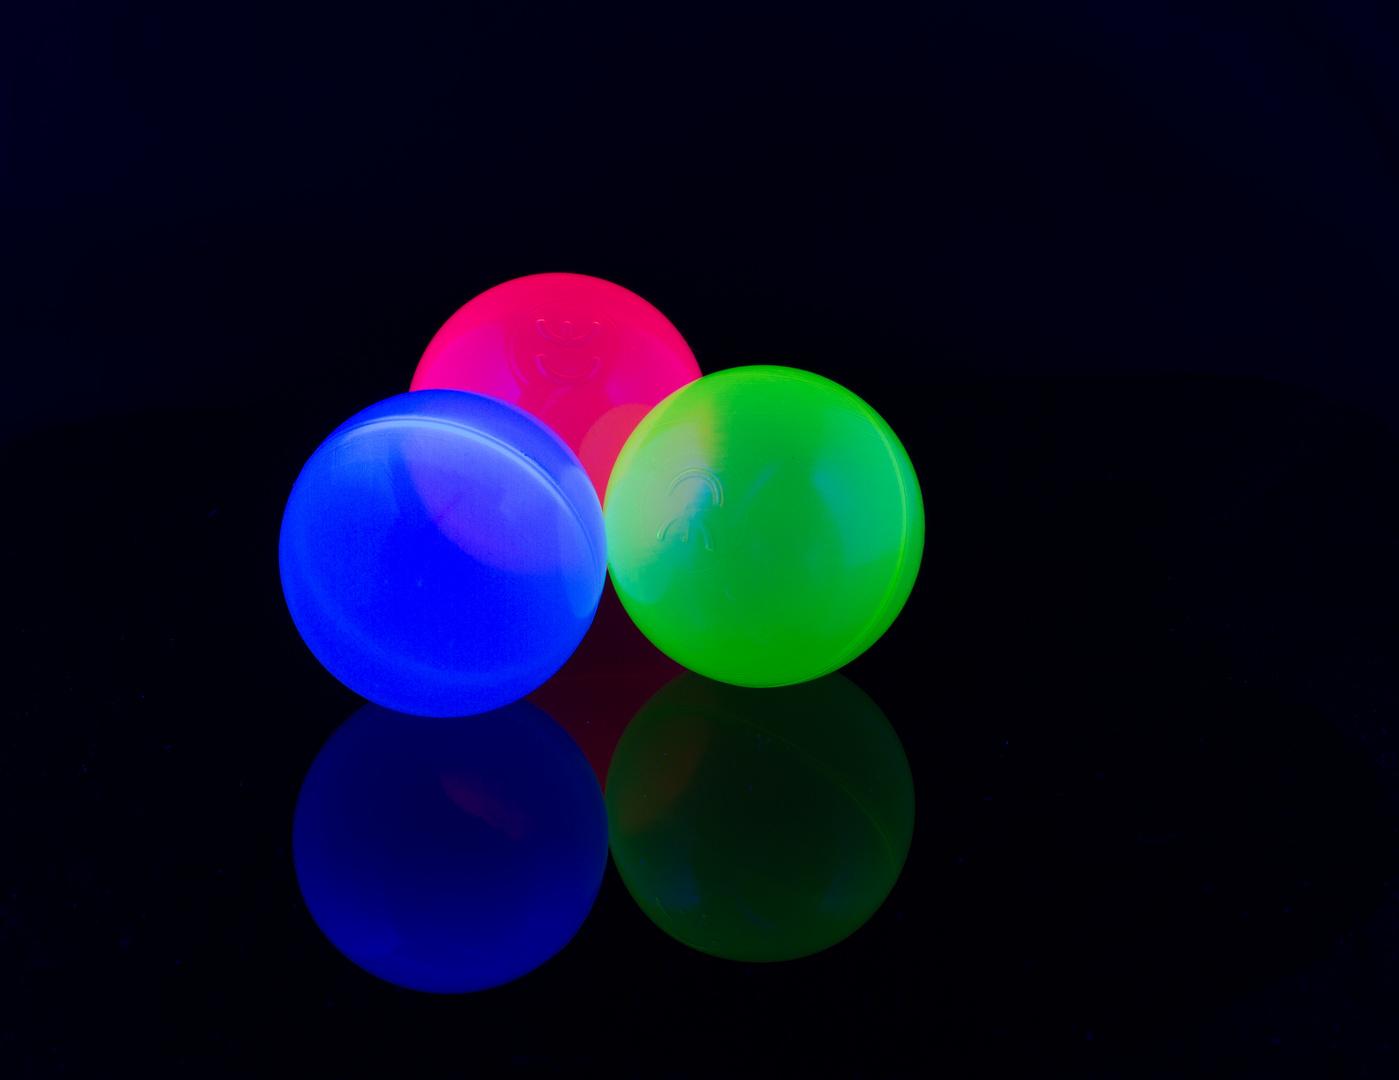 Farbspiele